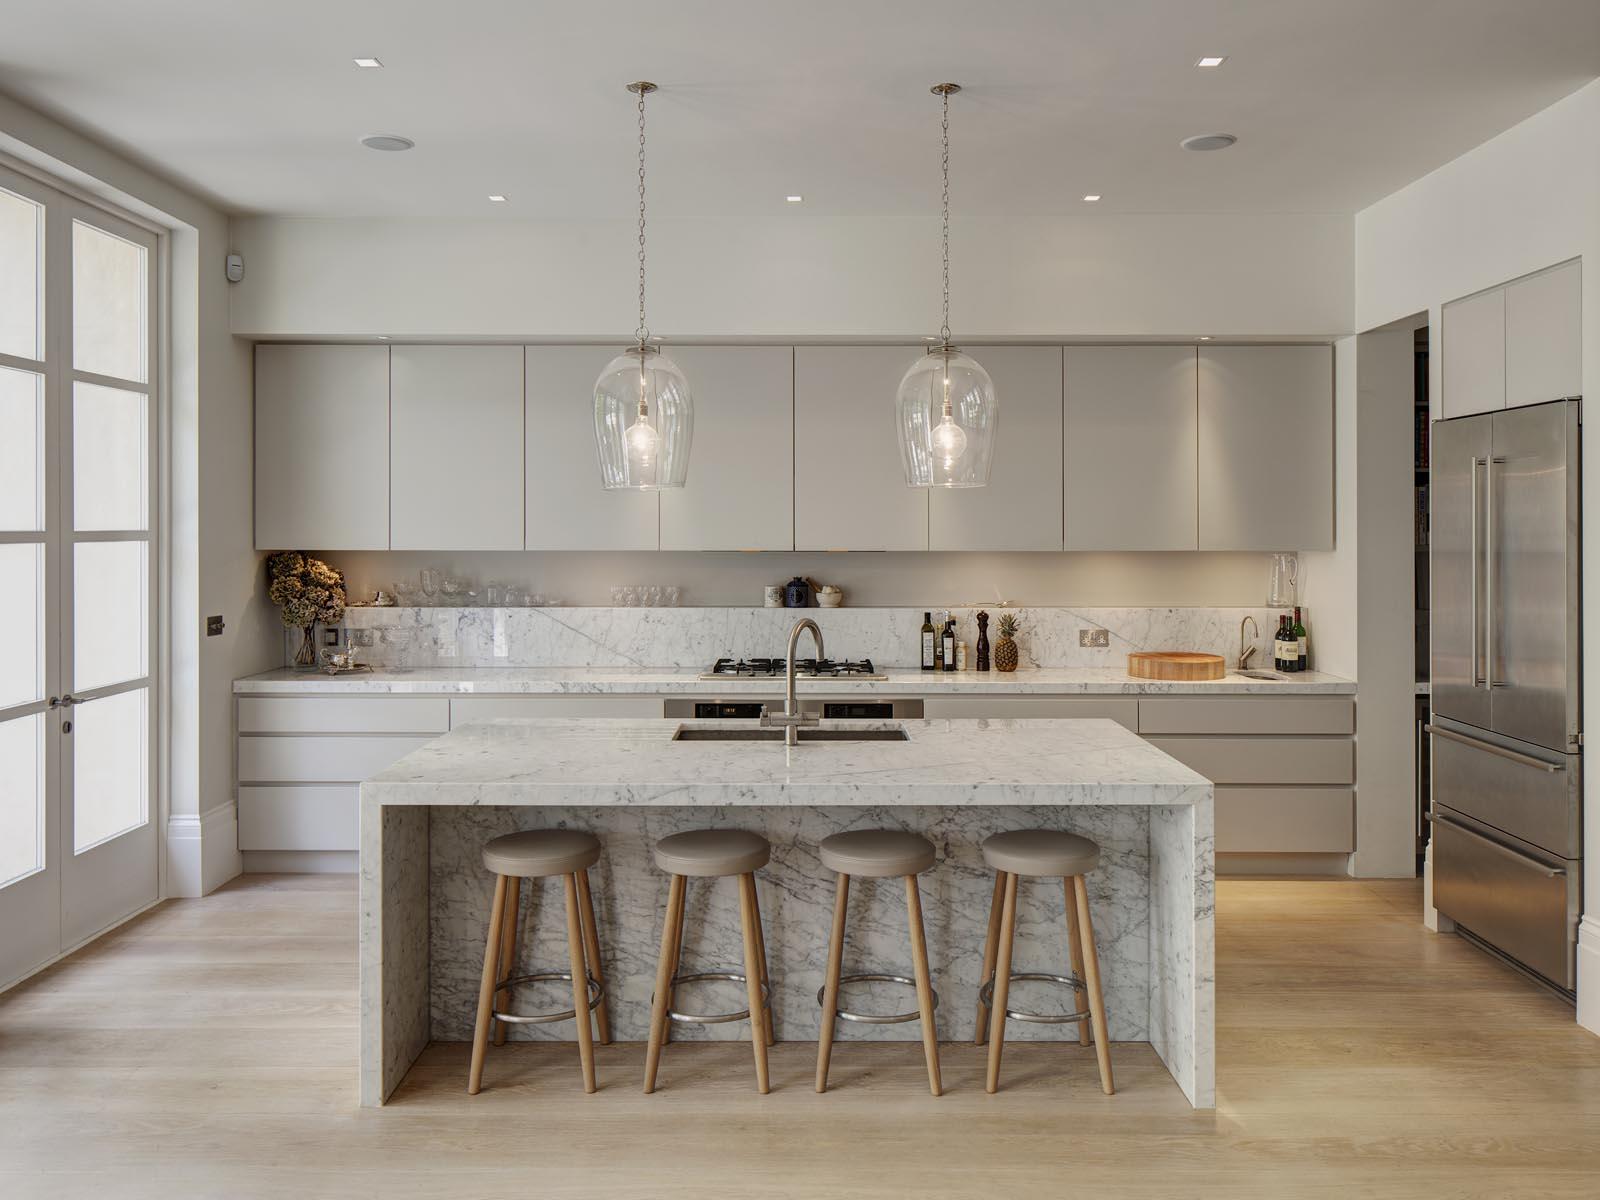 contemporary kitchens revestimentos para cozinhas: 90 modelos, projetos e fotos XSHKYJW